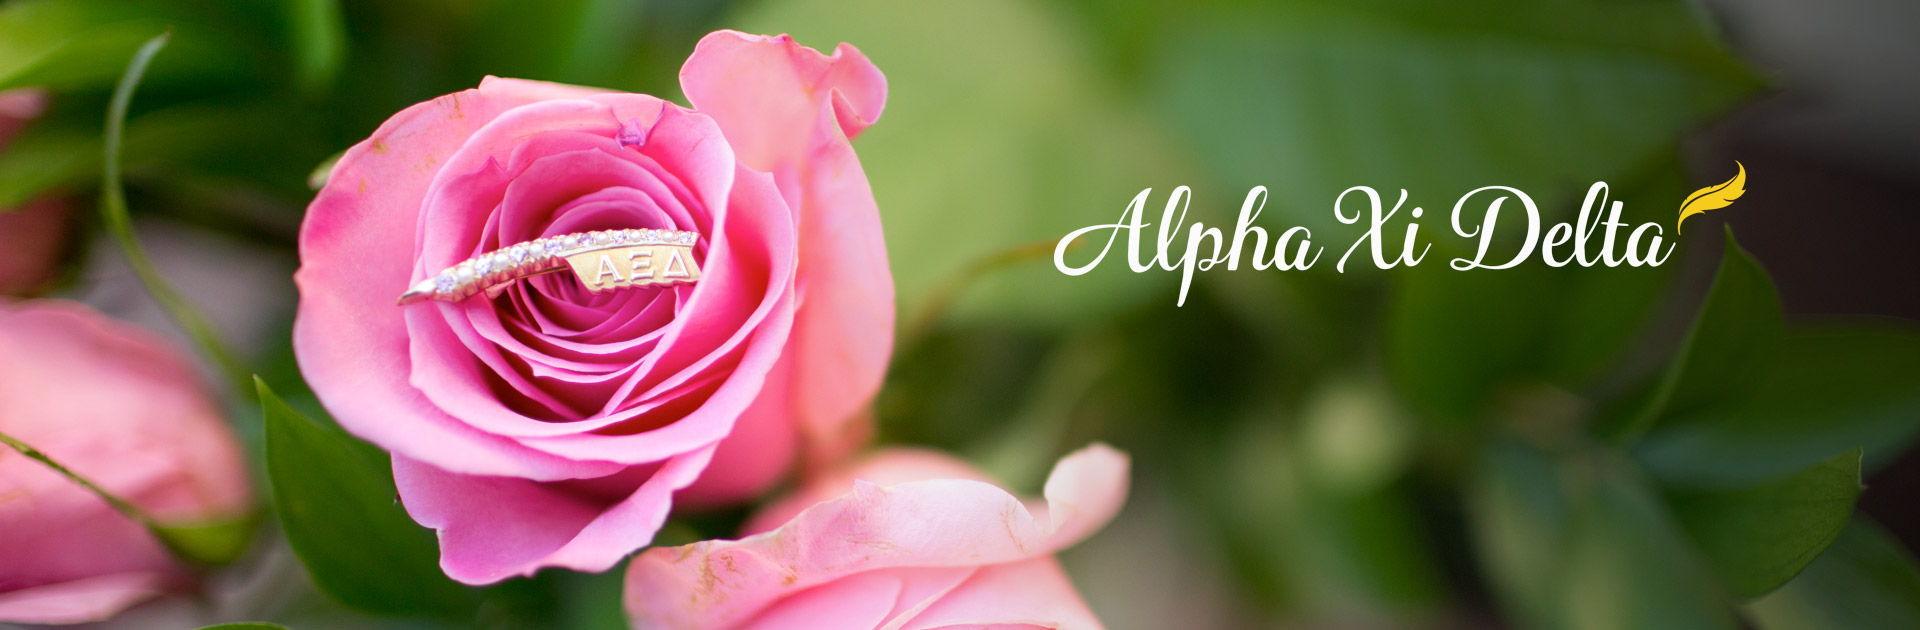 Alpha Xi Delta Banner